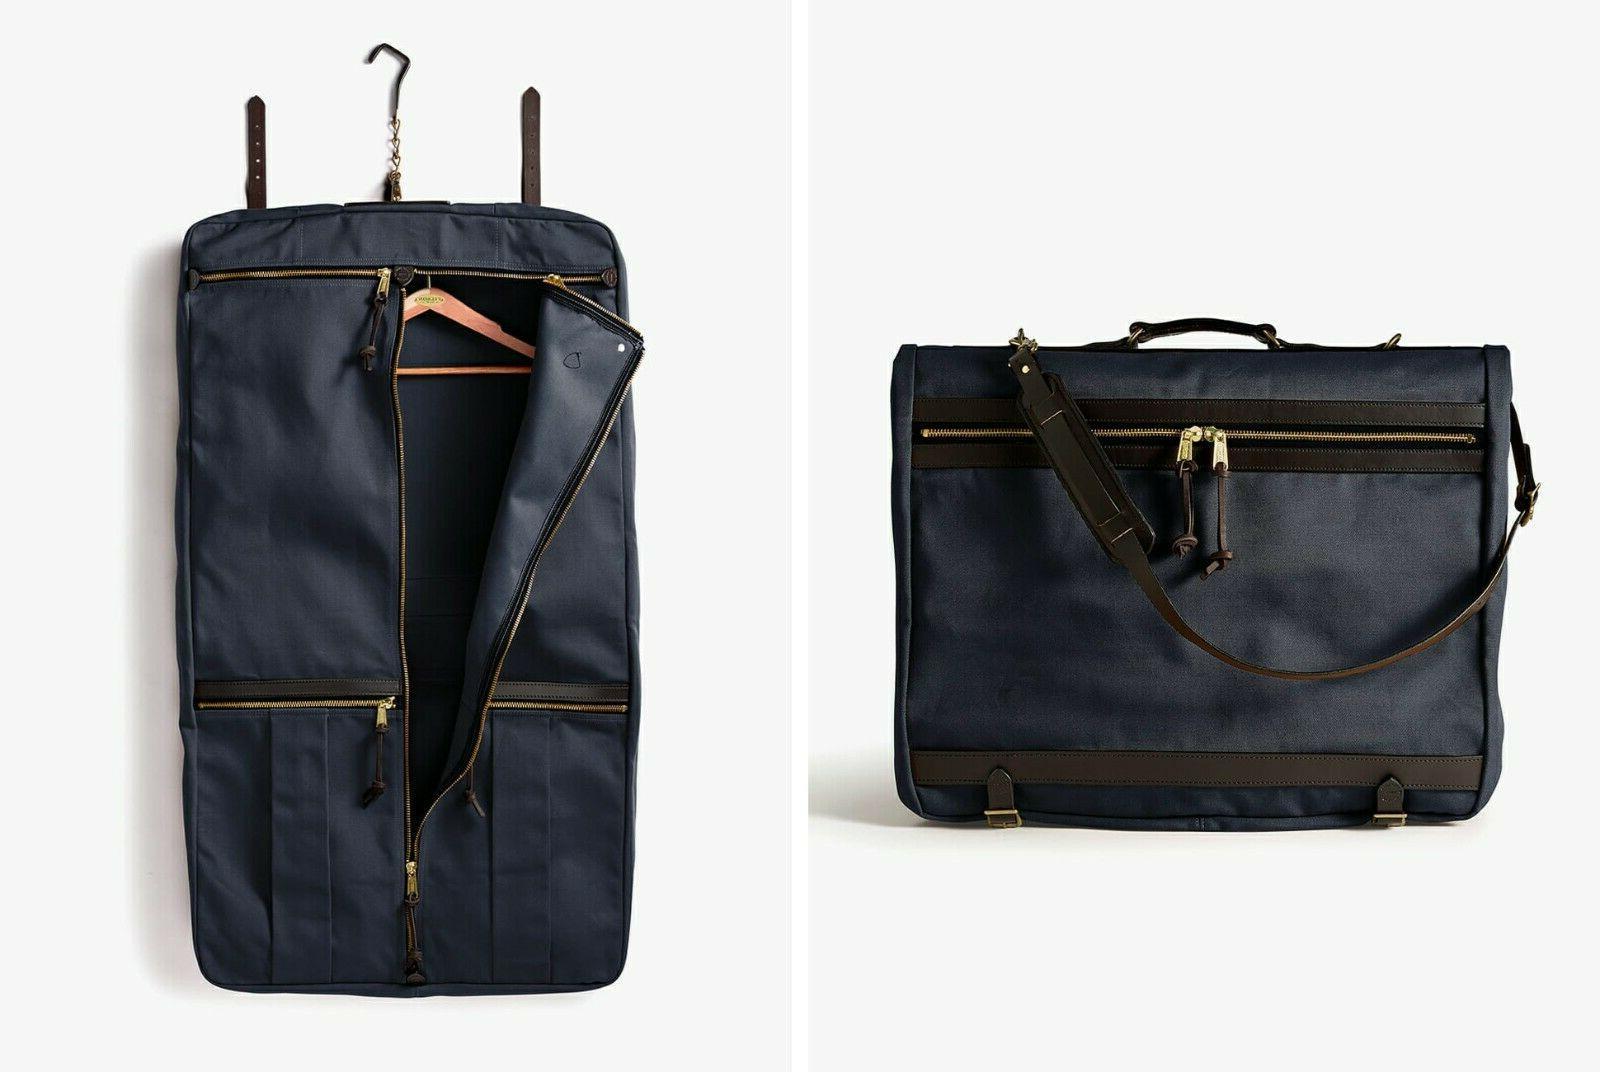 nwt rugged twill bridle leather garment bag